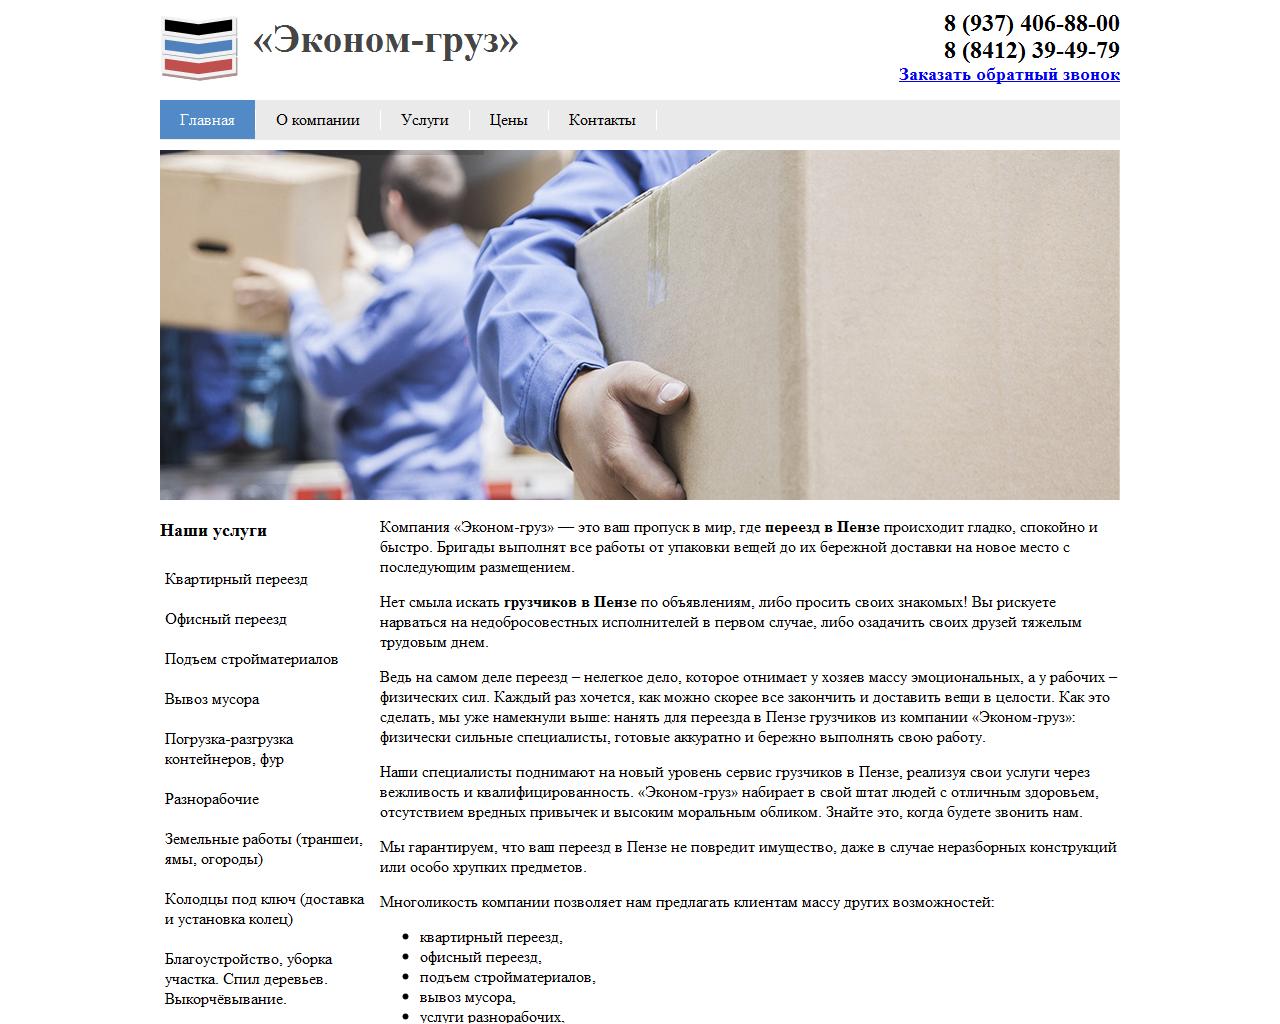 Компания «Эконом-груз» Пенза